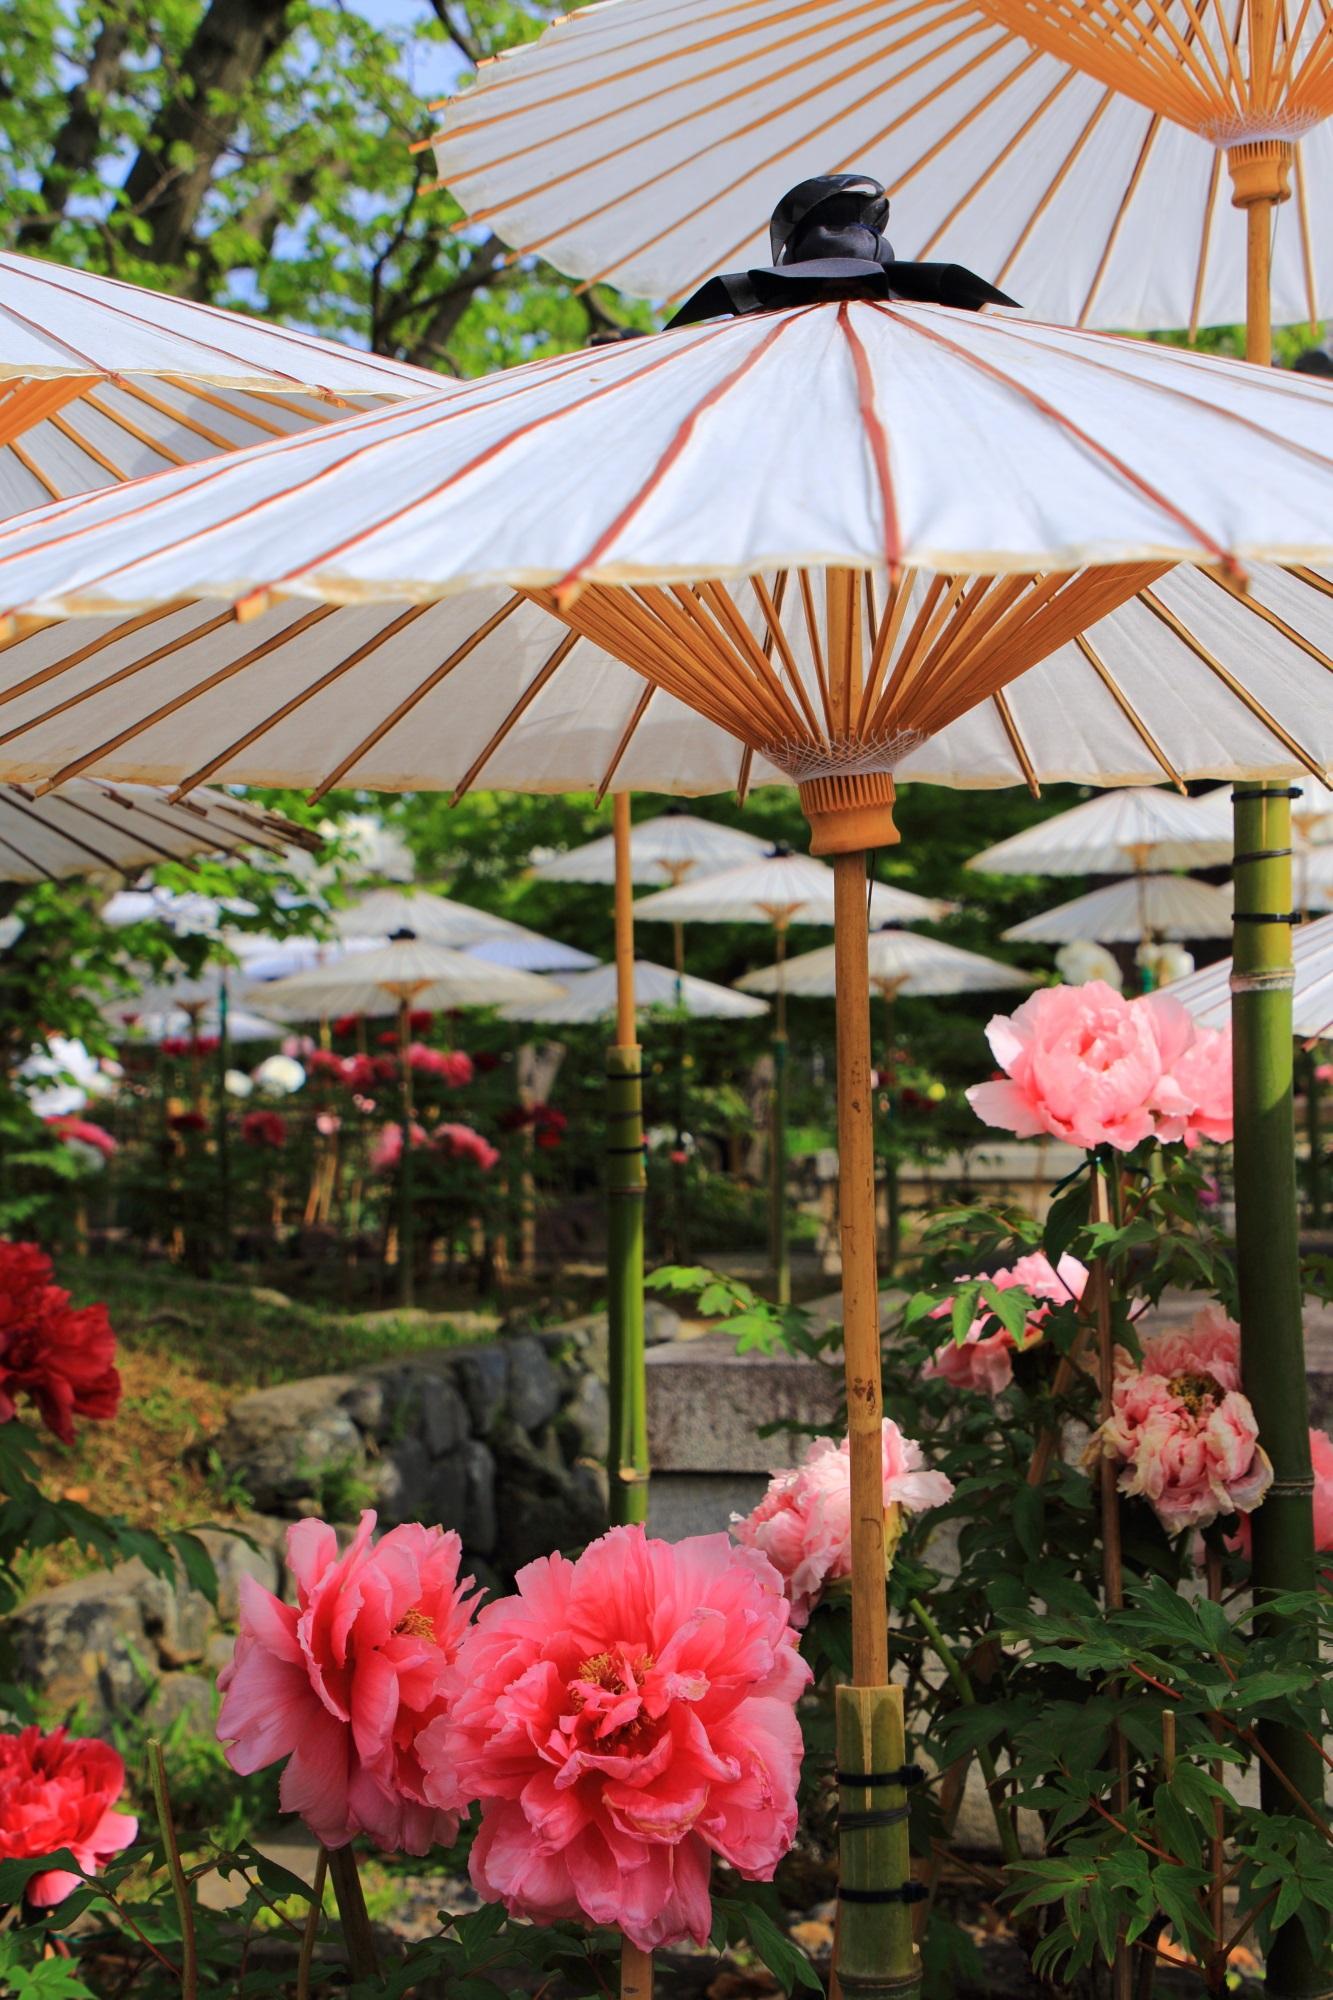 上品で風情もある満開の牡丹の花と和傘